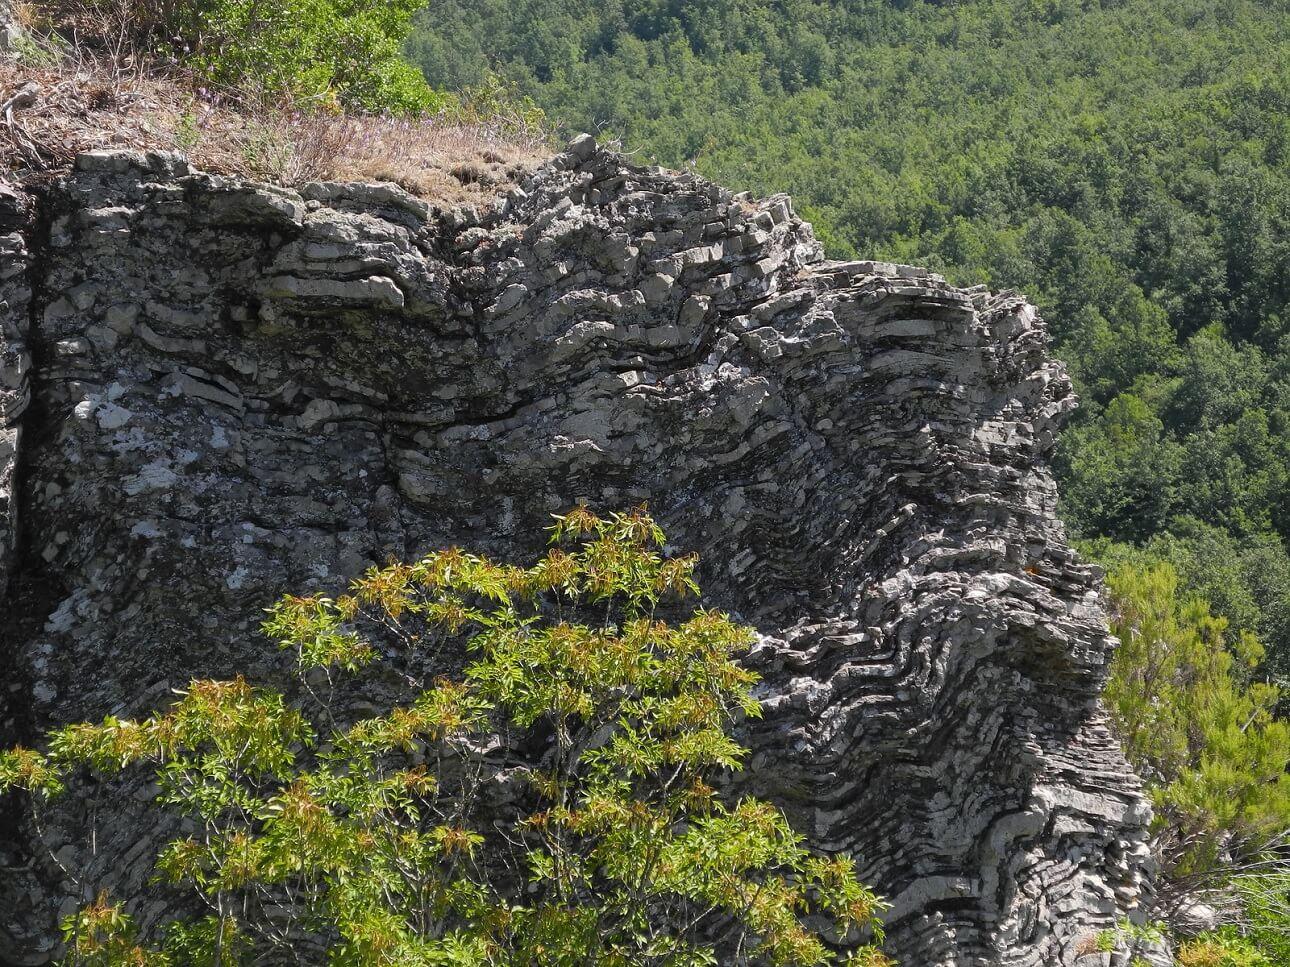 Stratificazione di diaspri sul belvedere della Riserva naturale la Pietra